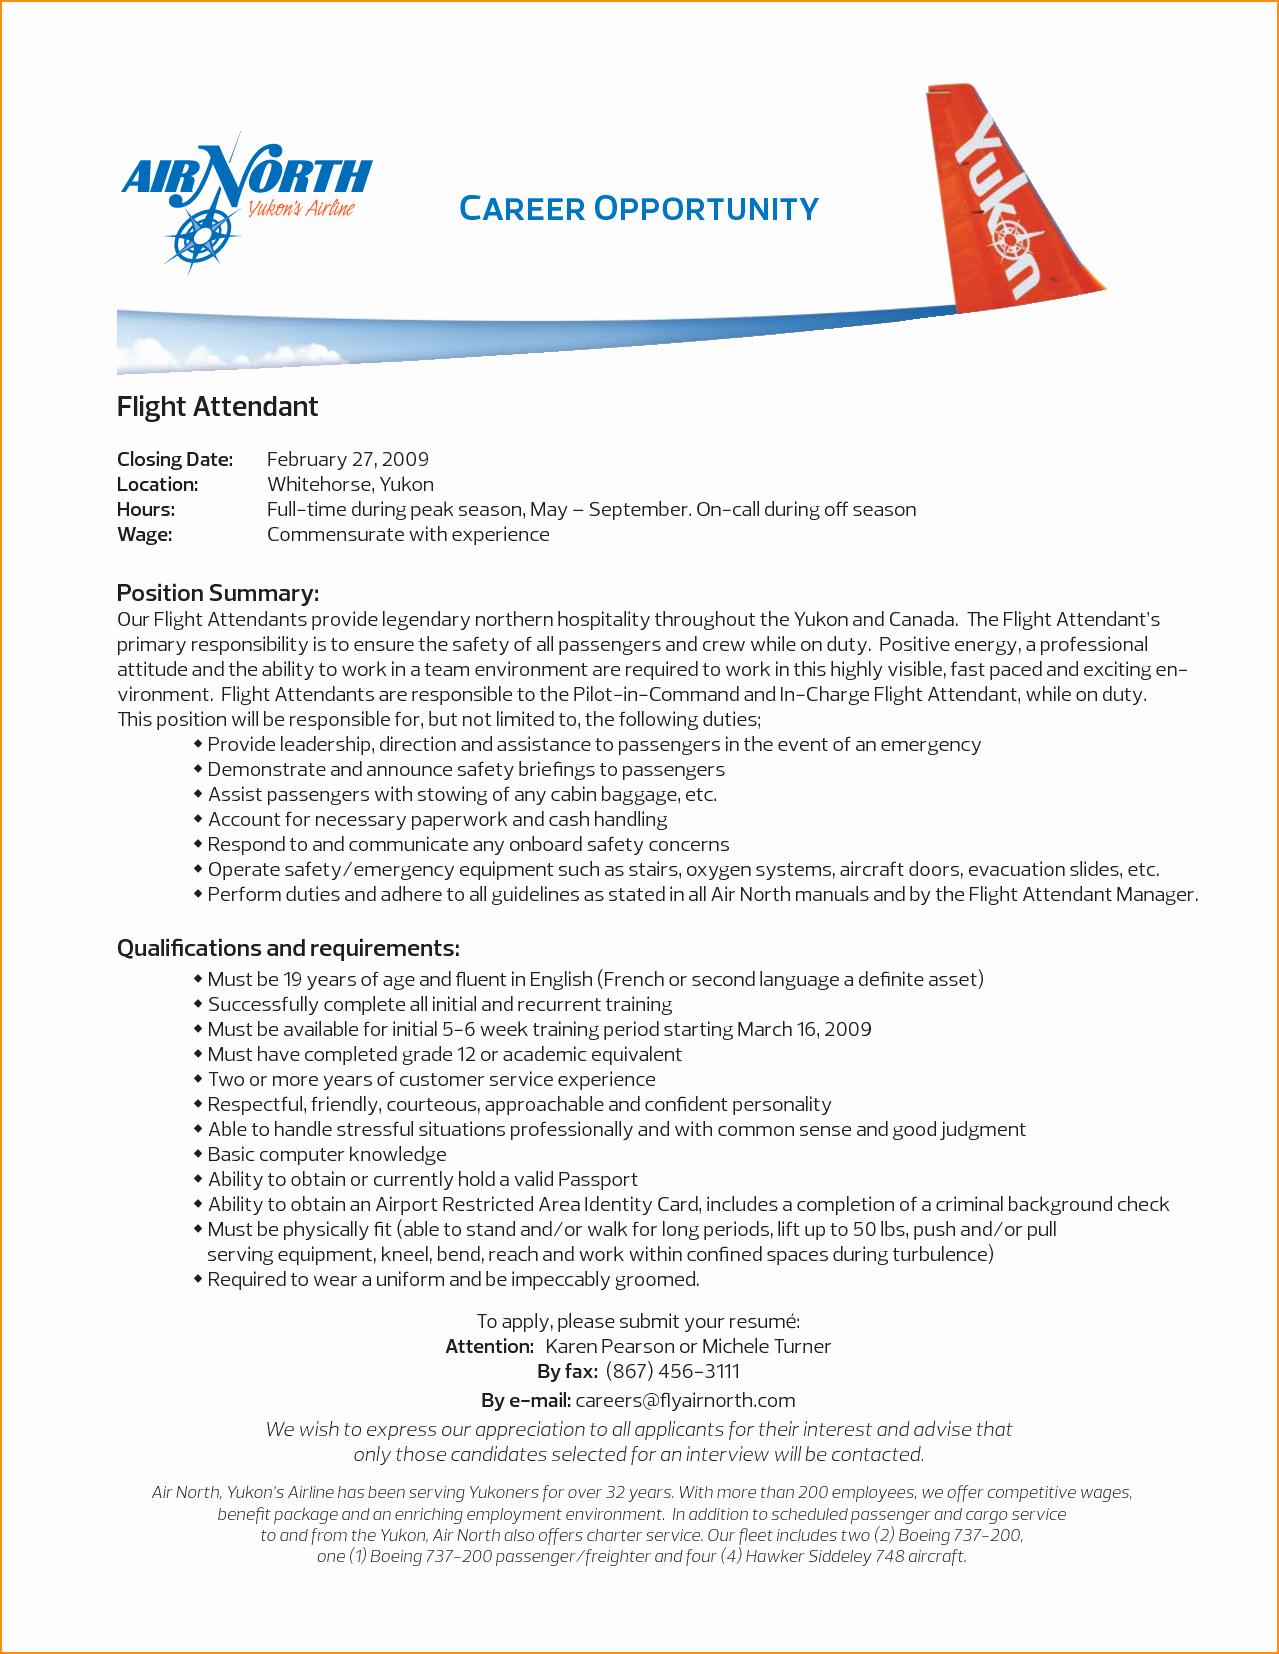 Flight attendant Resume Cover Letter Unique Cover Letter for Flight attendant No Experience Cover